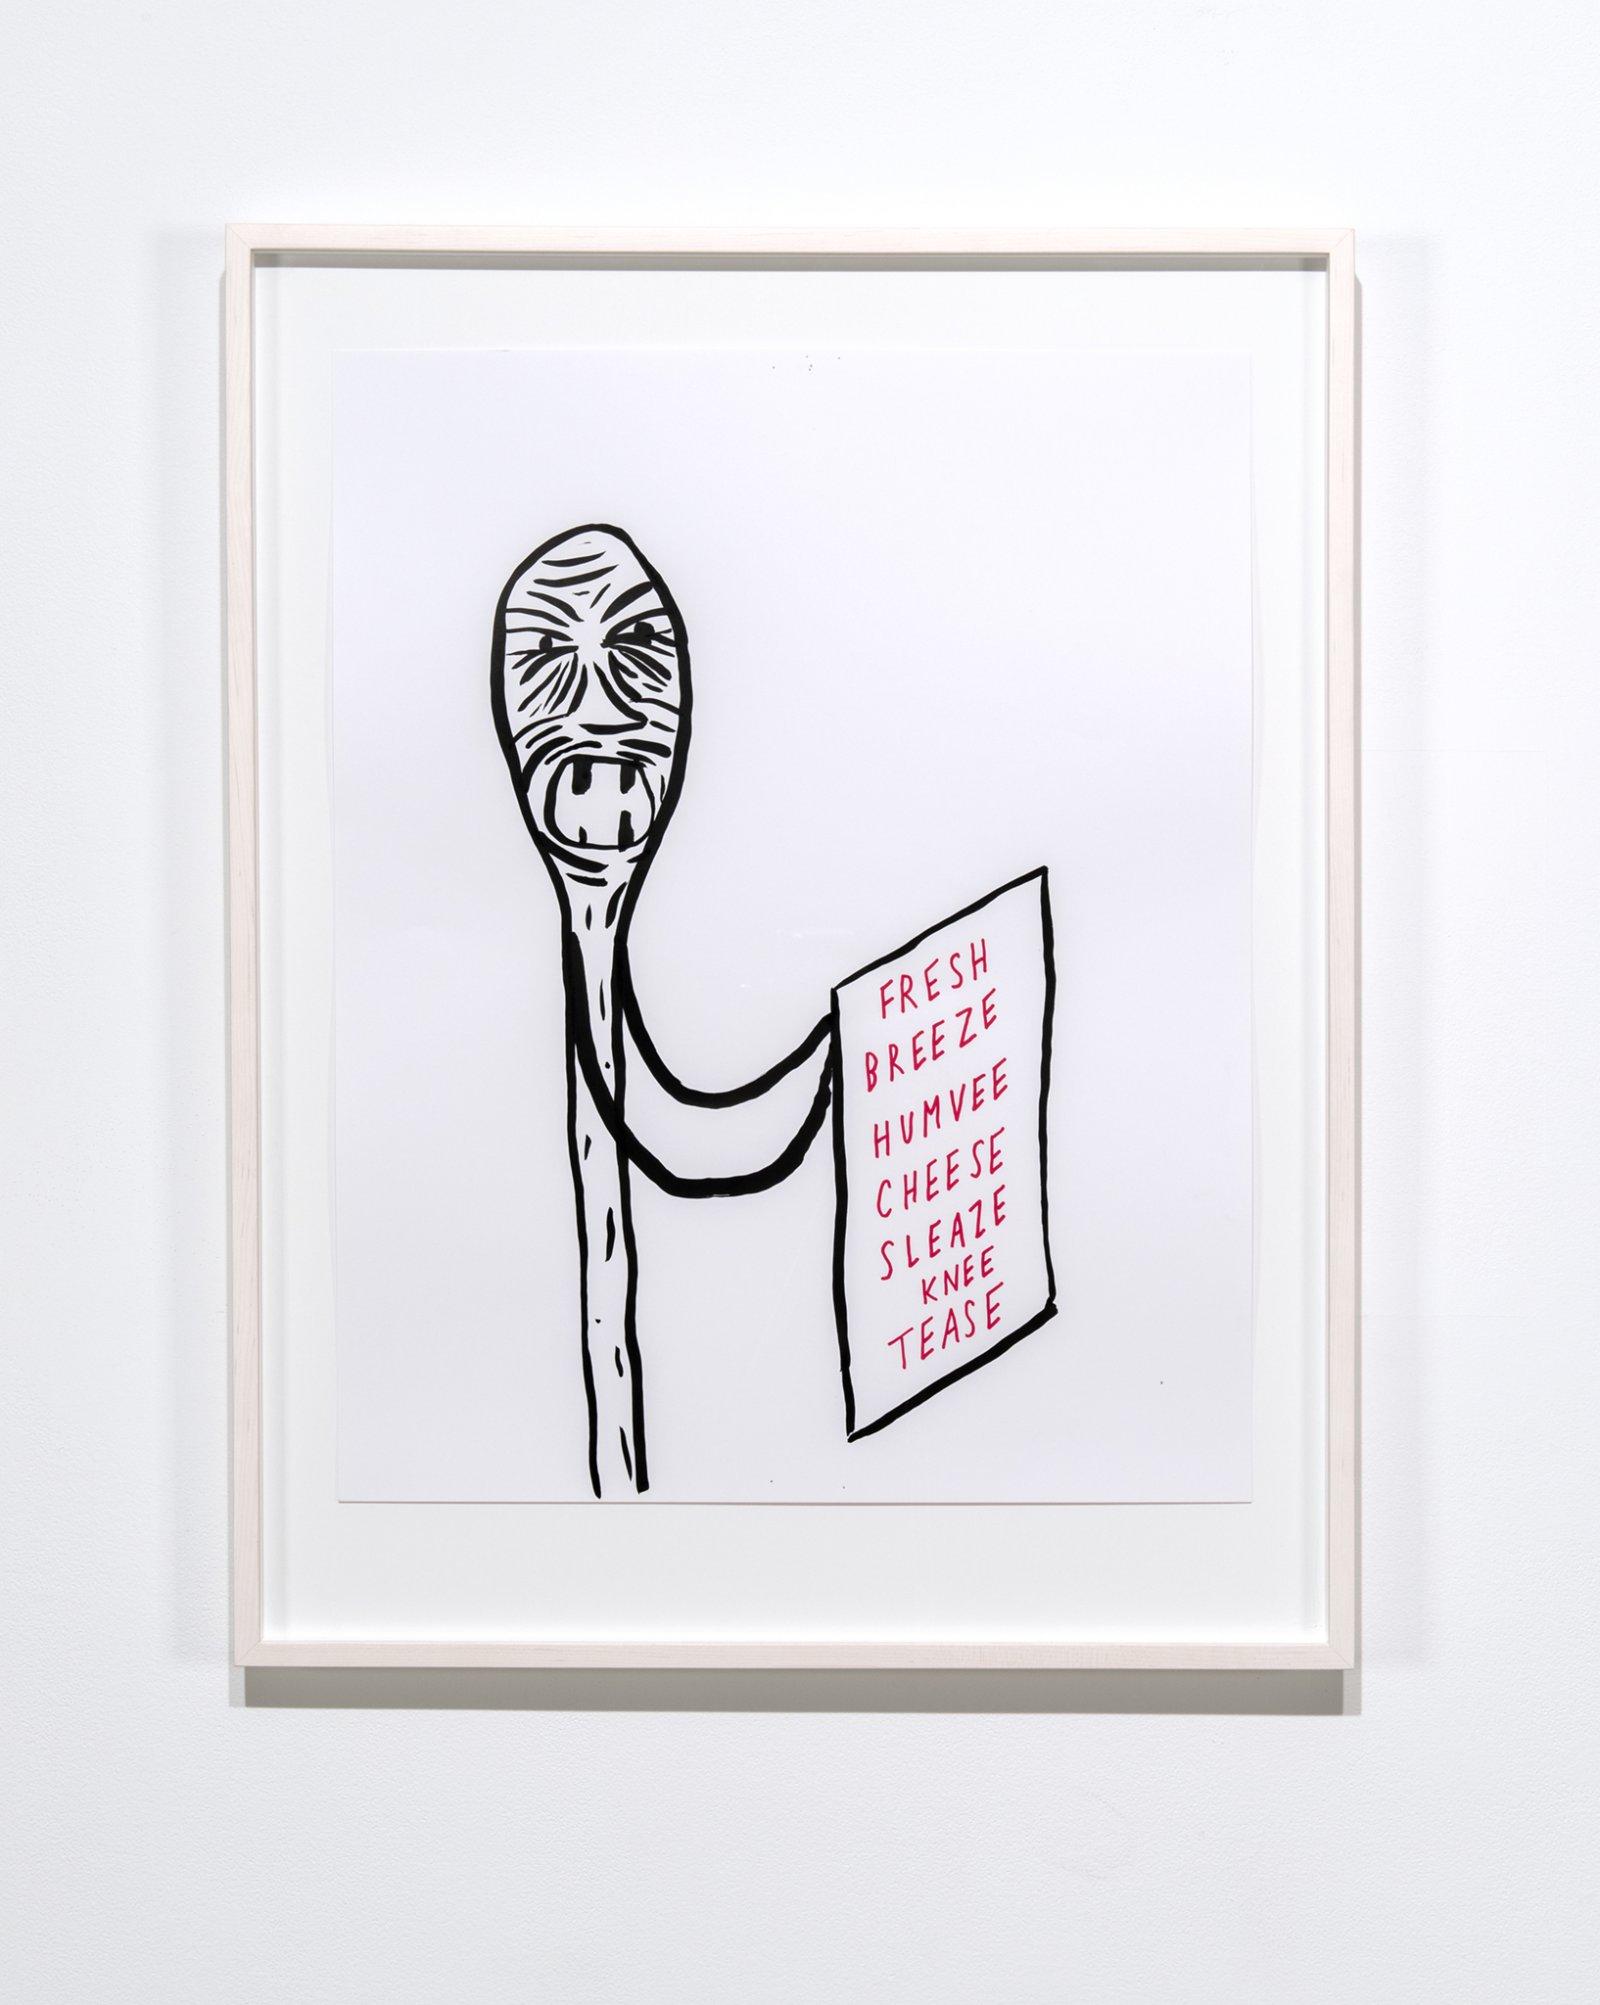 Geoffrey Farmer, FRESH, BREEZE, HUMVEE, CHEESE, SLEAZE, KNEE, TEASE, 2017, ink on paper, 36 x 28 in. (90 x 70 cm) by Geoffrey Farmer